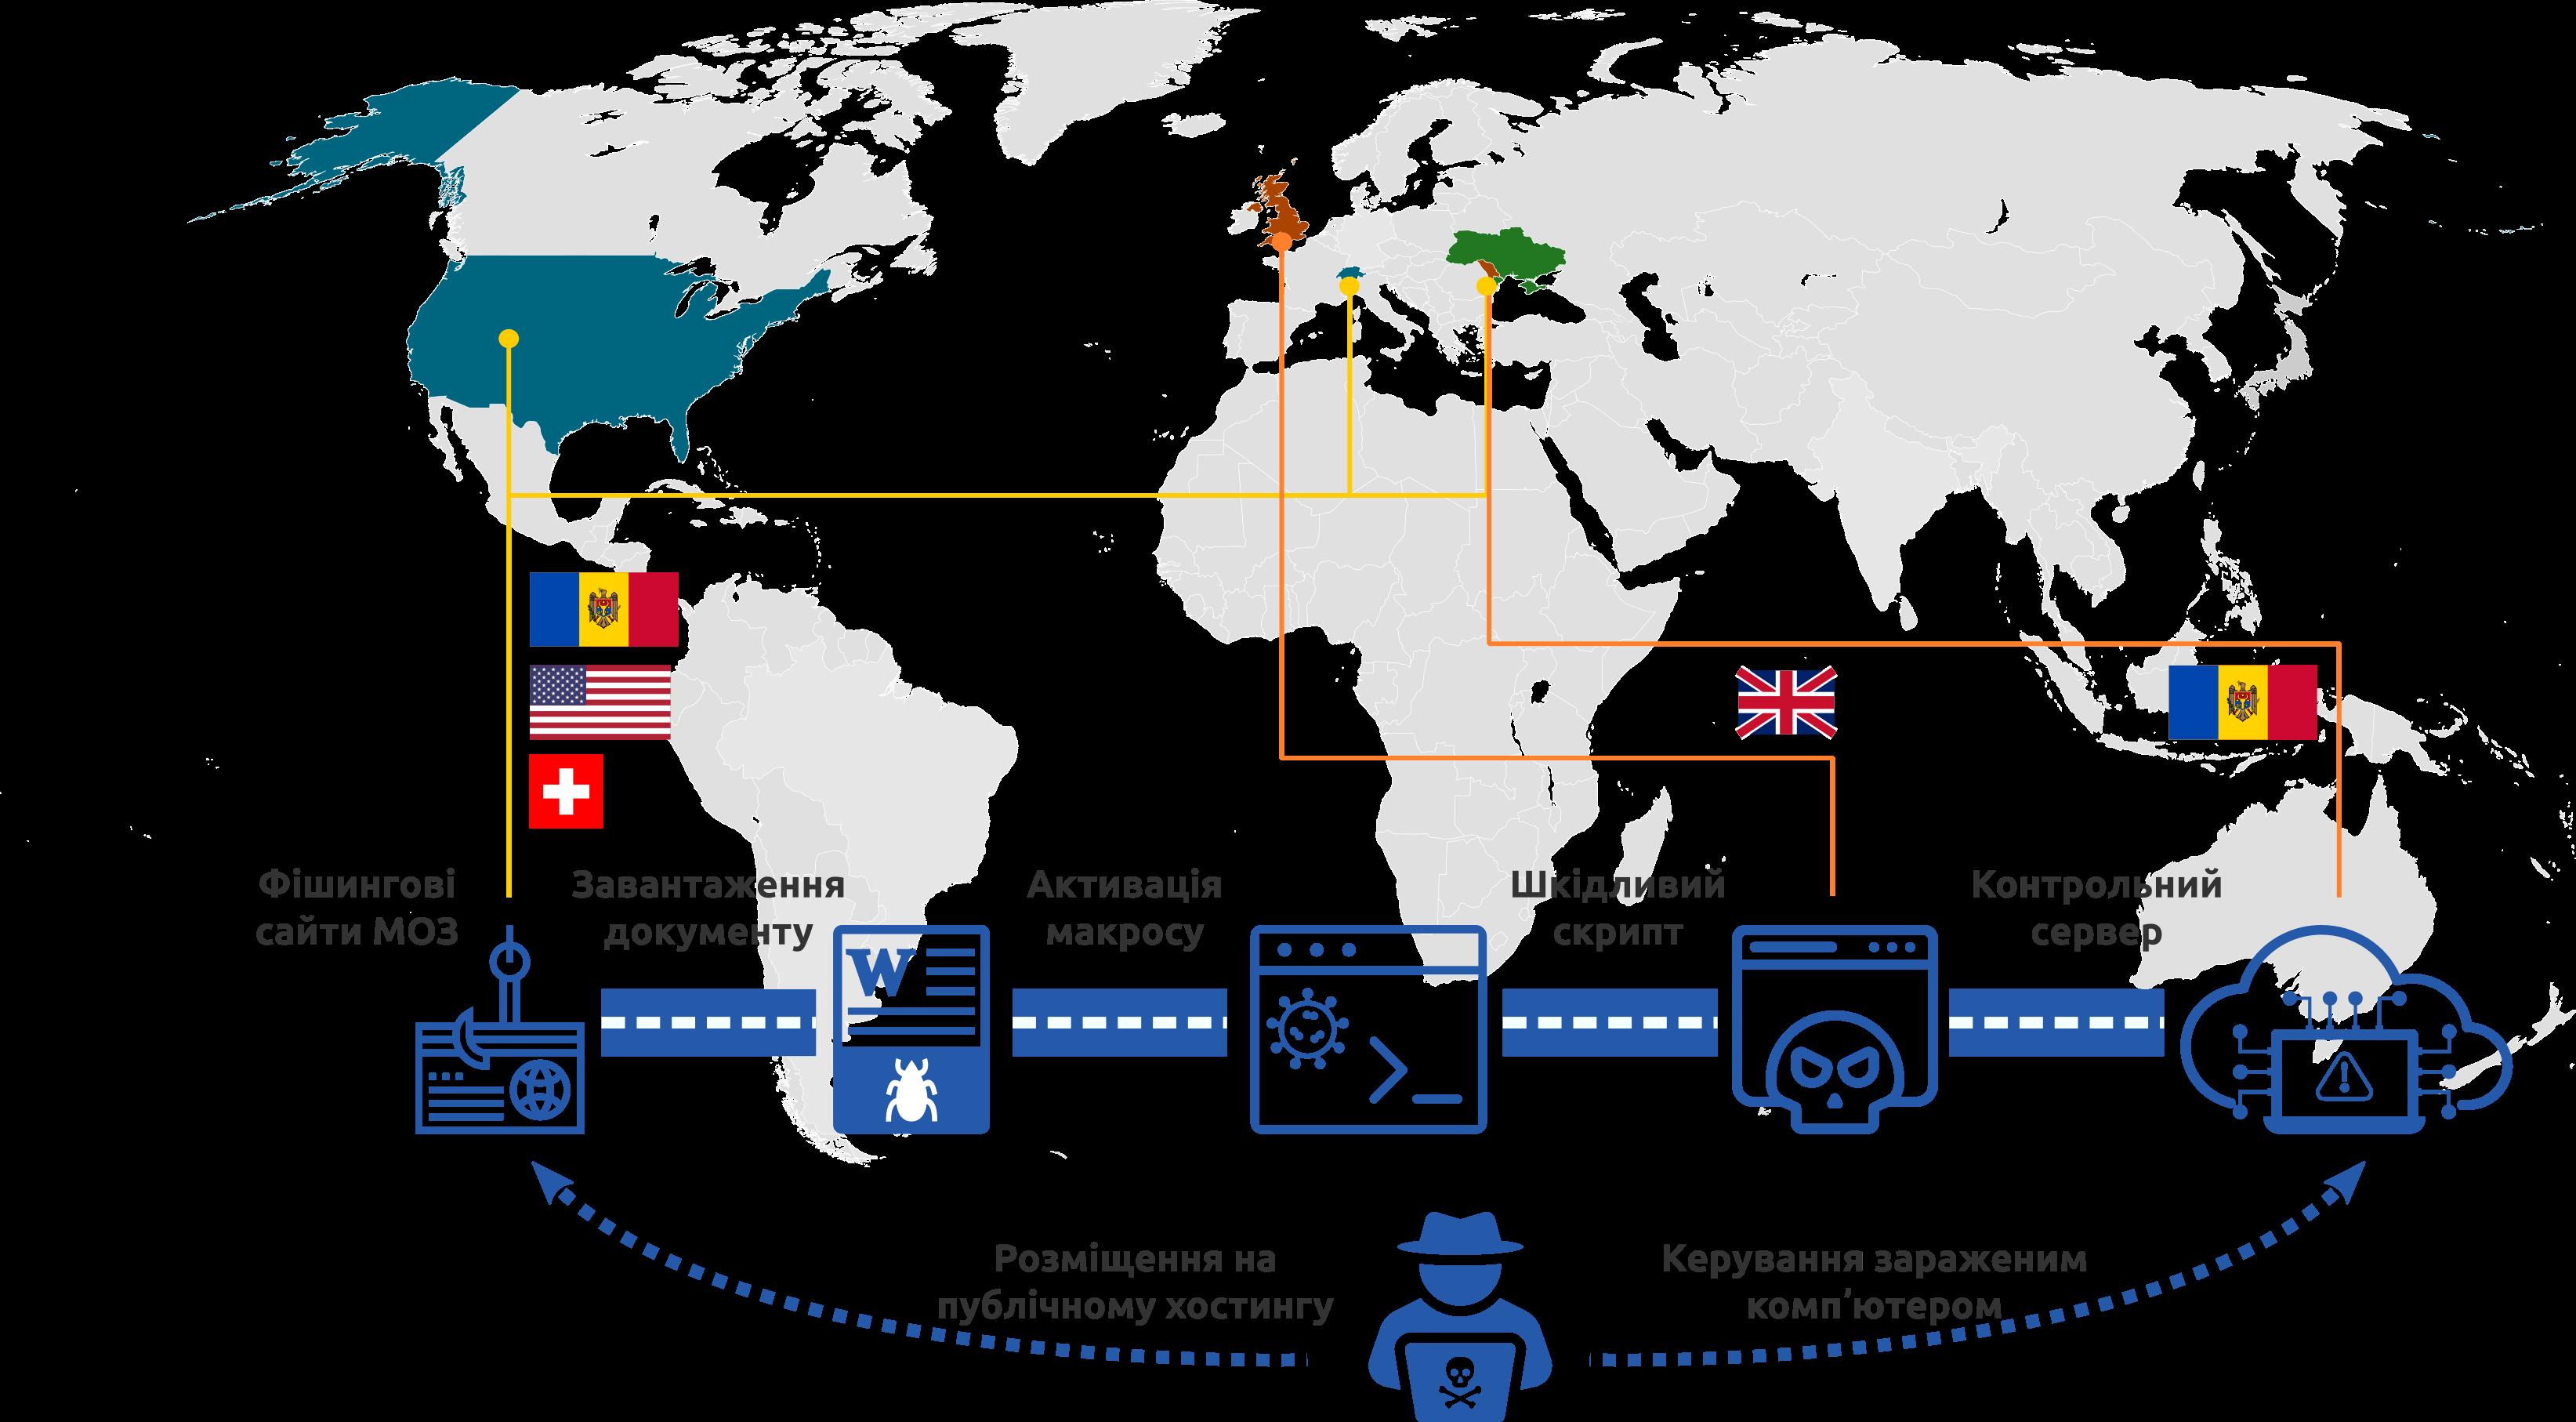 moz v2 - Украинские пользователи интернета пострадали от фишинговой кибератаки